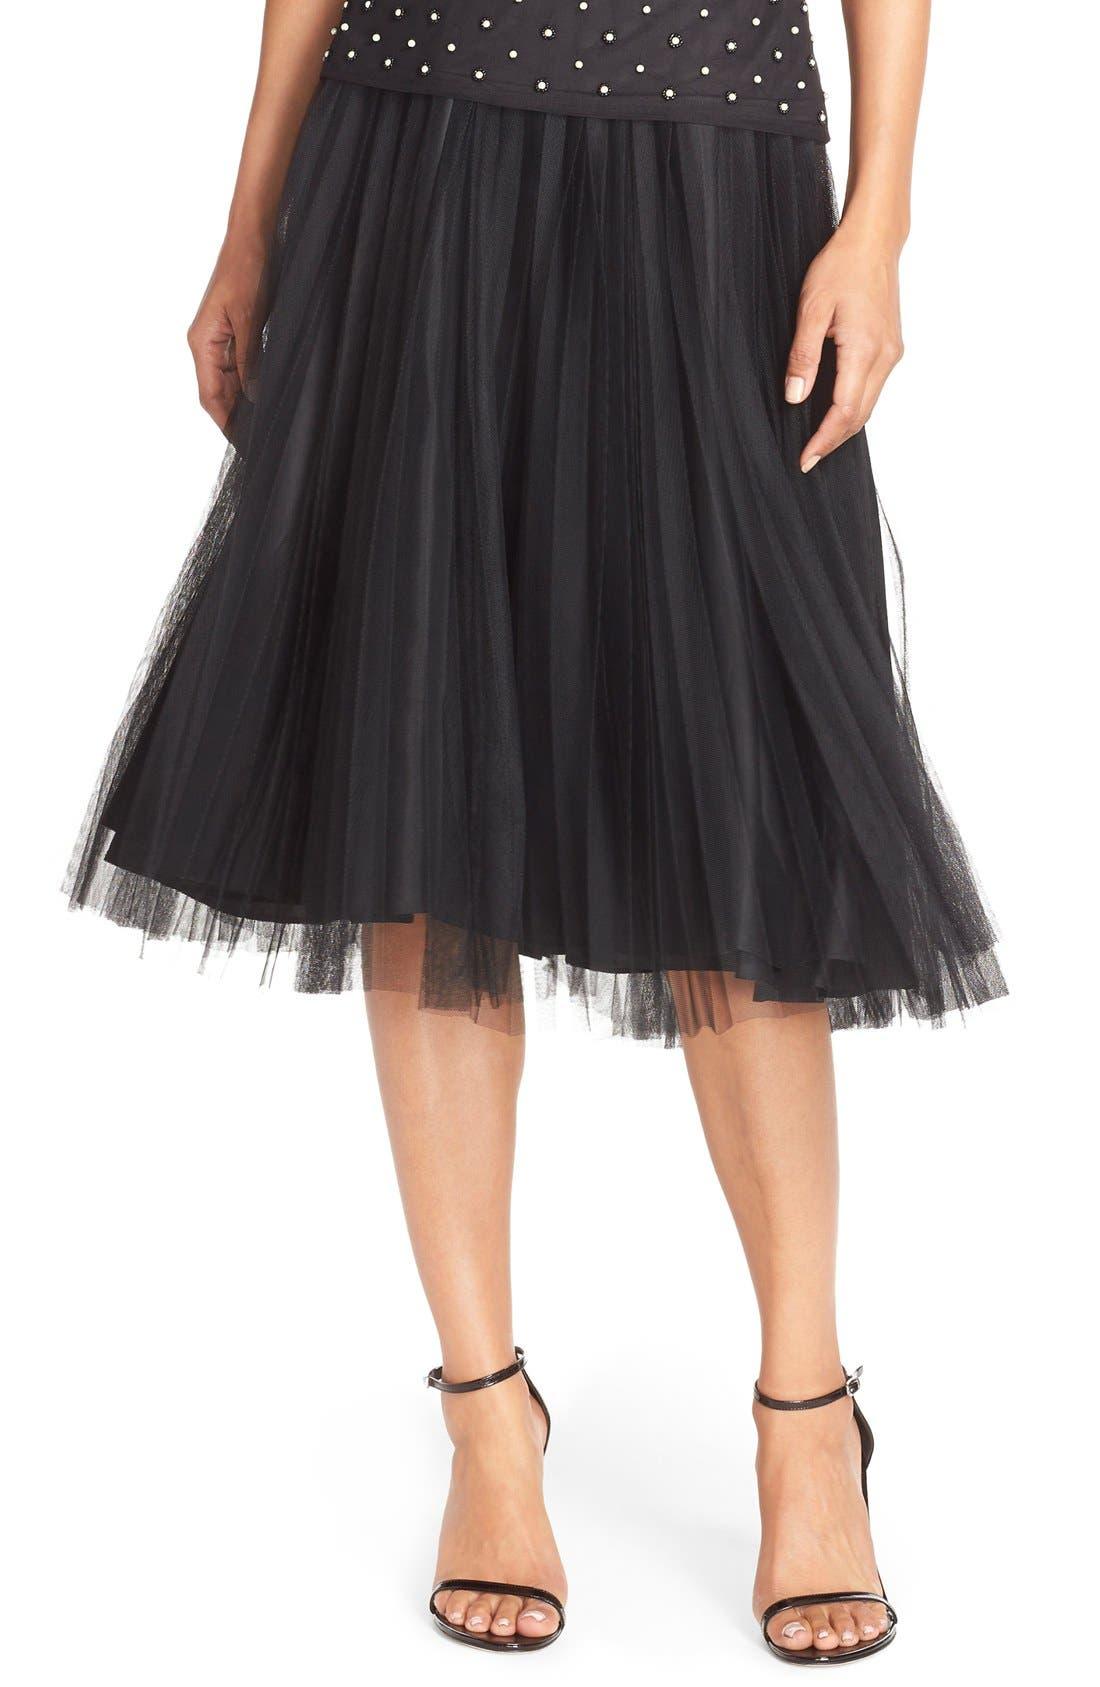 Cheap Black Tulle Skirt